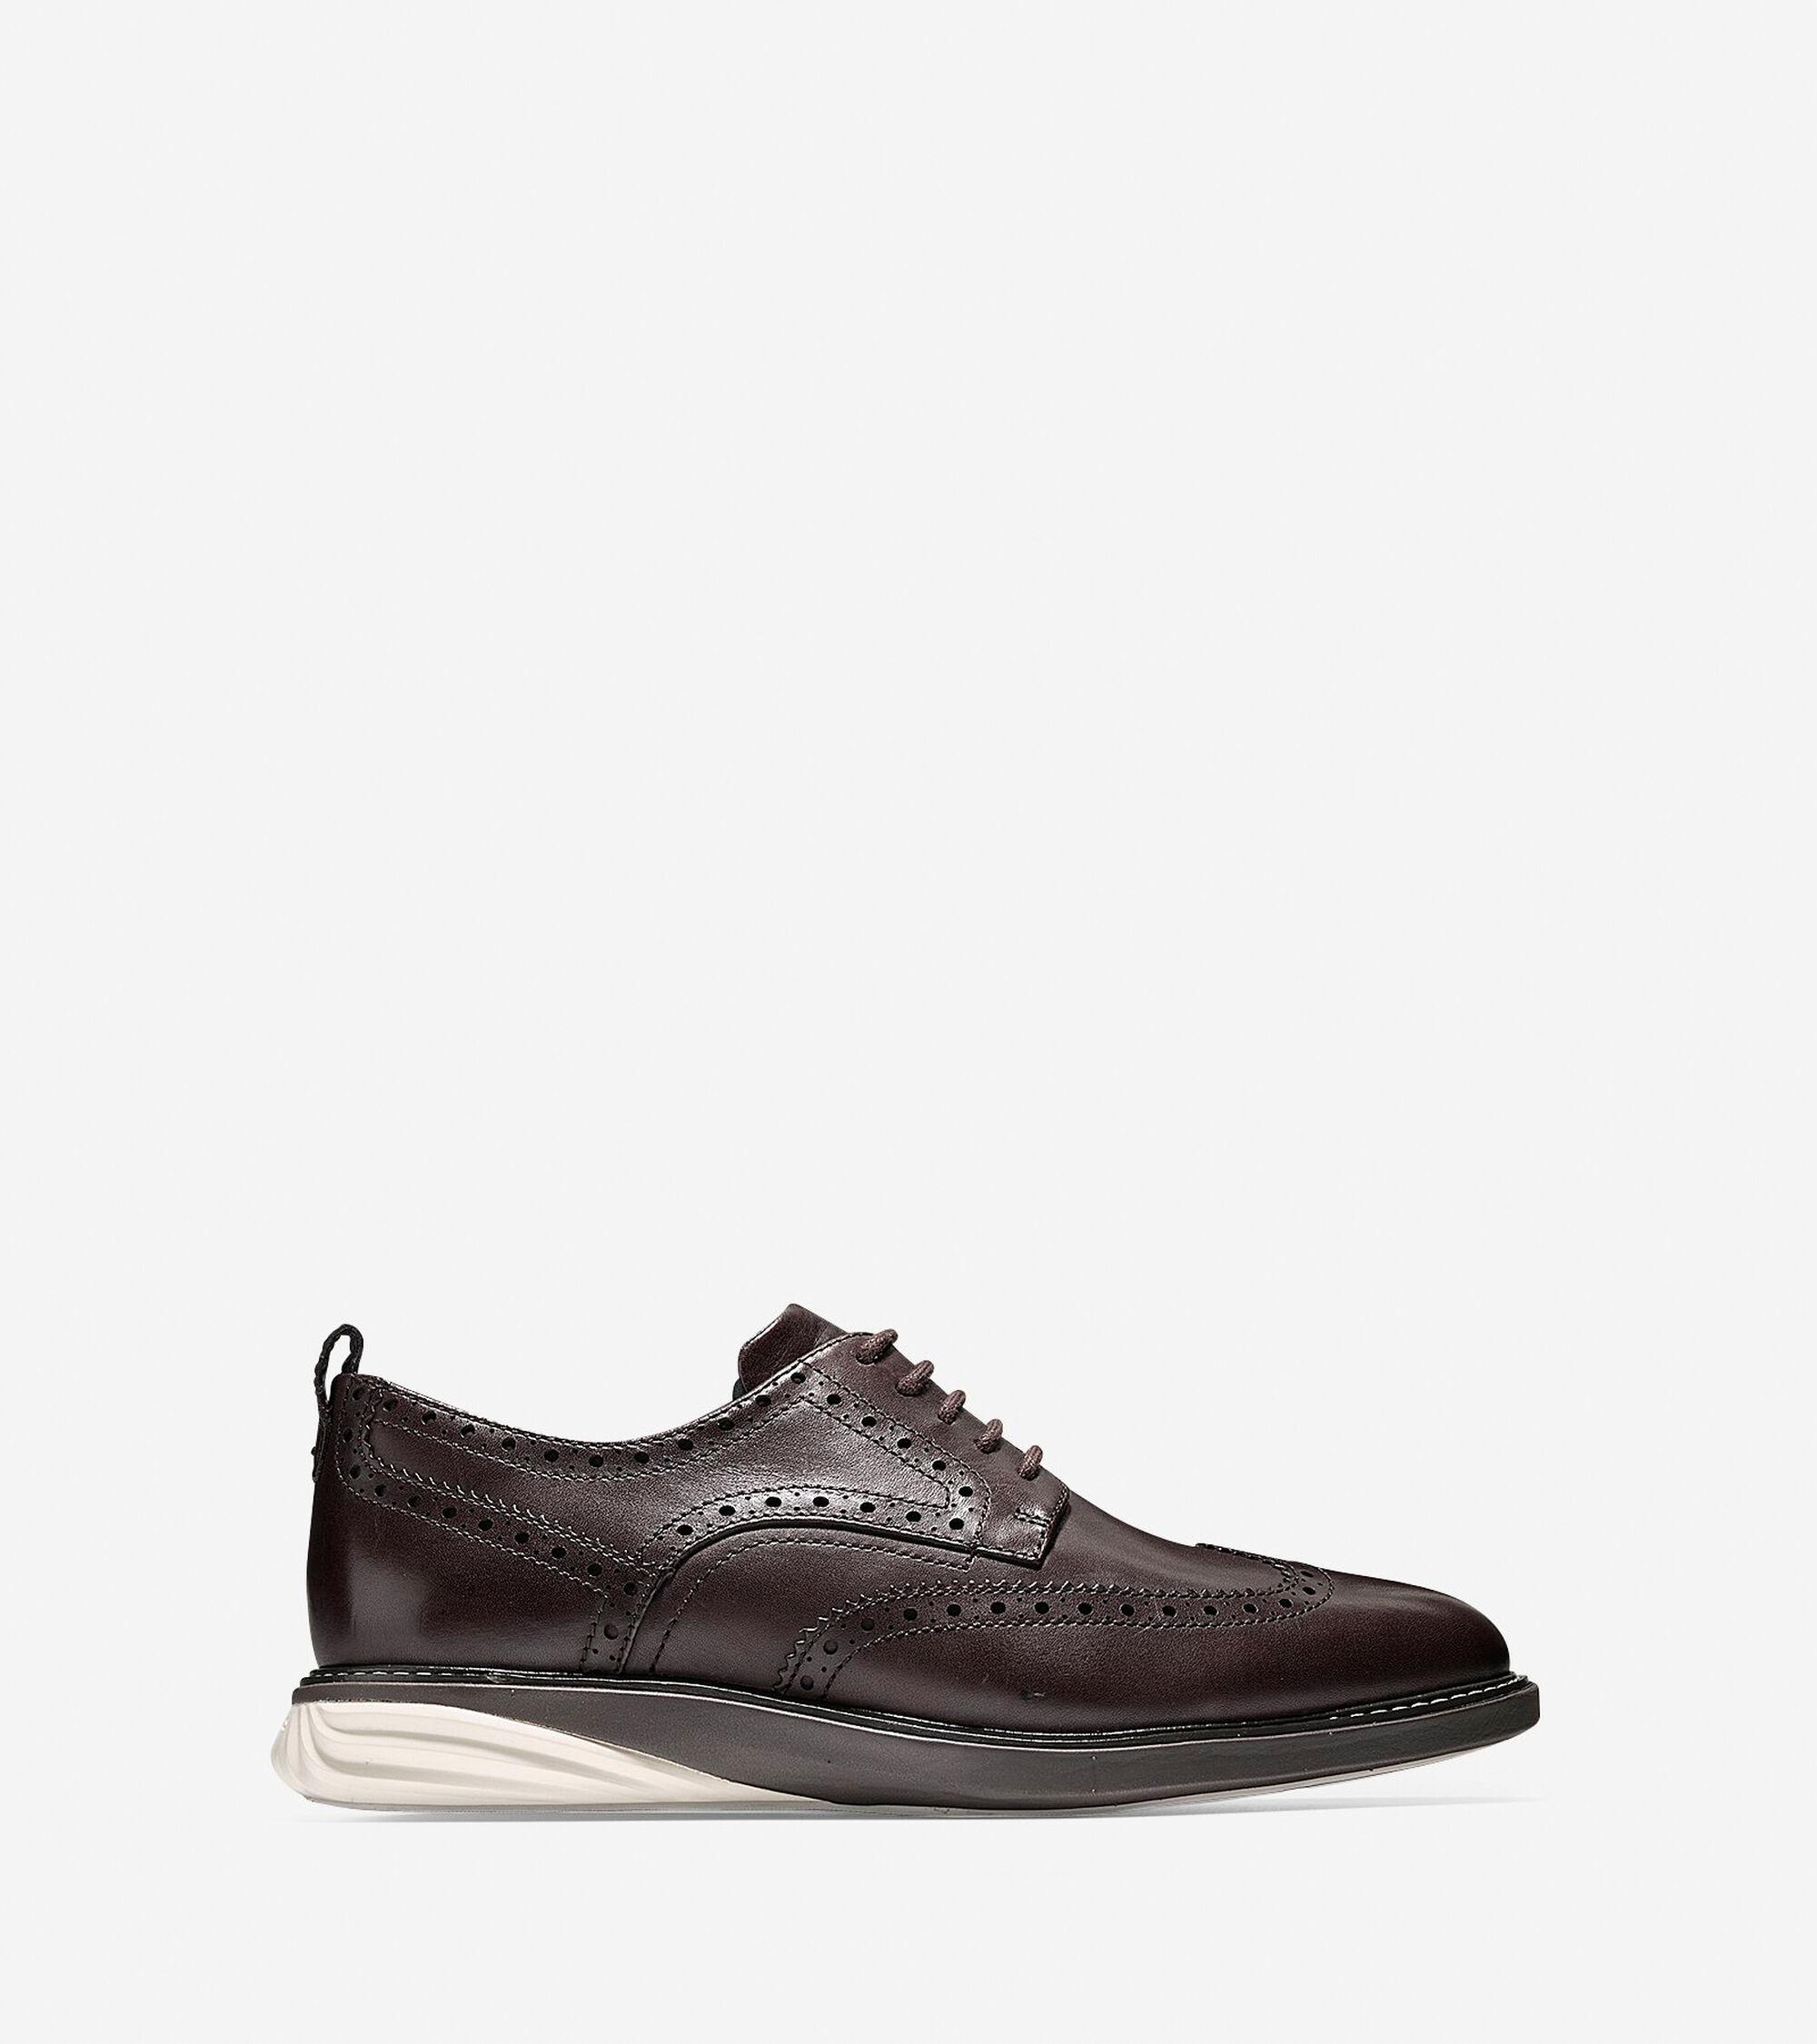 Cole Haan GrandEvolution Wingtip Oxford Shoes